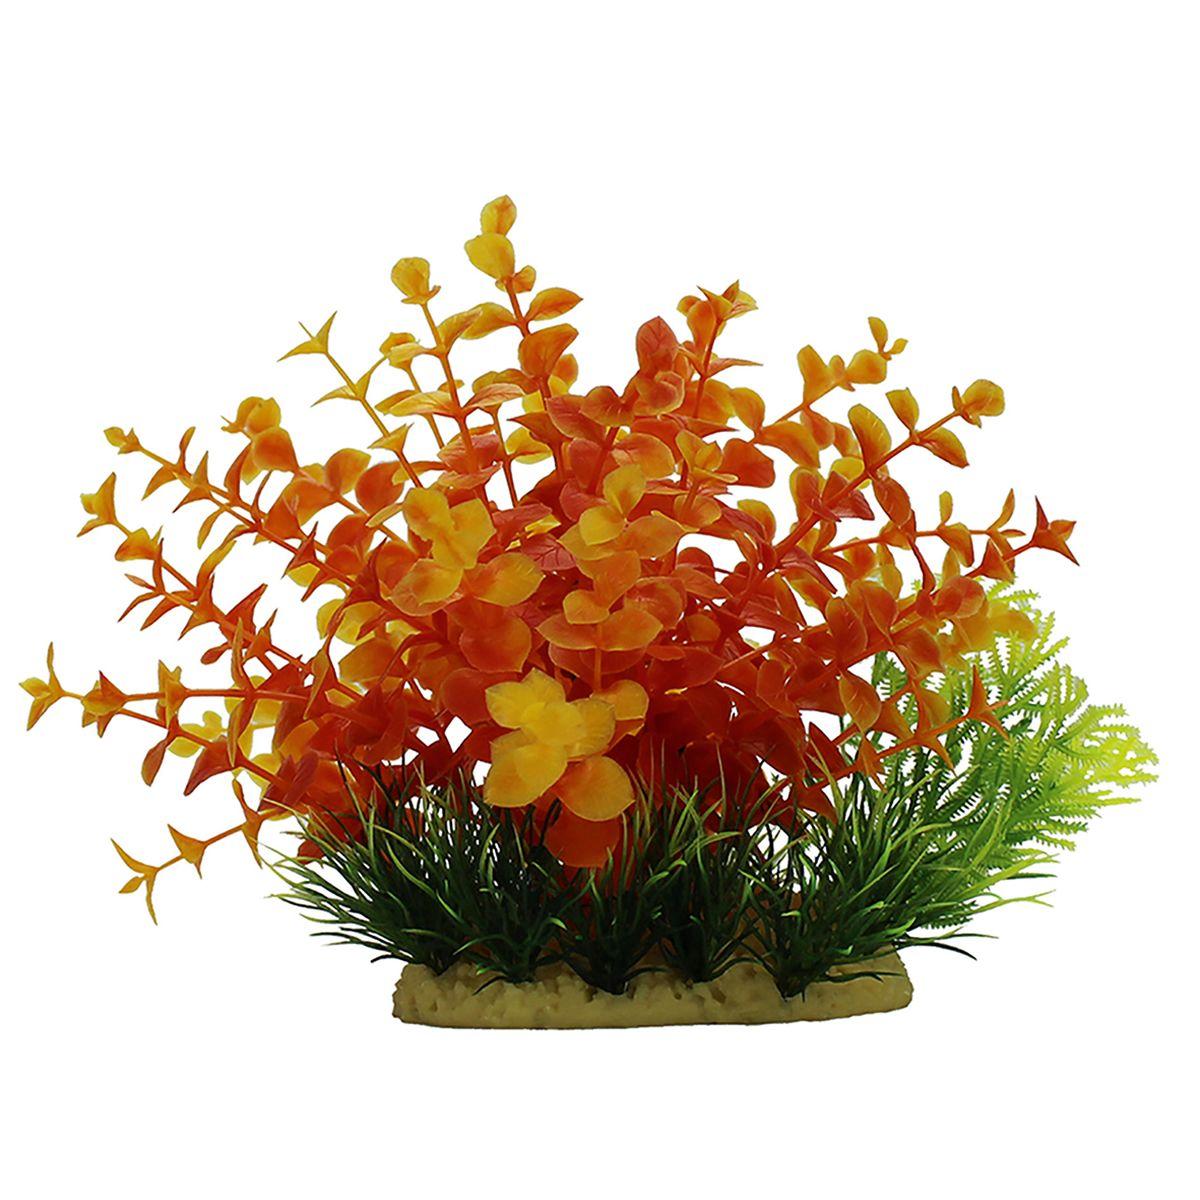 Растение для аквариума ArtUniq Людвигия оранжевая, высота 15 смART-1140105Растение для аквариума ArtUniq Людвигия оранжевая, высота 15 см